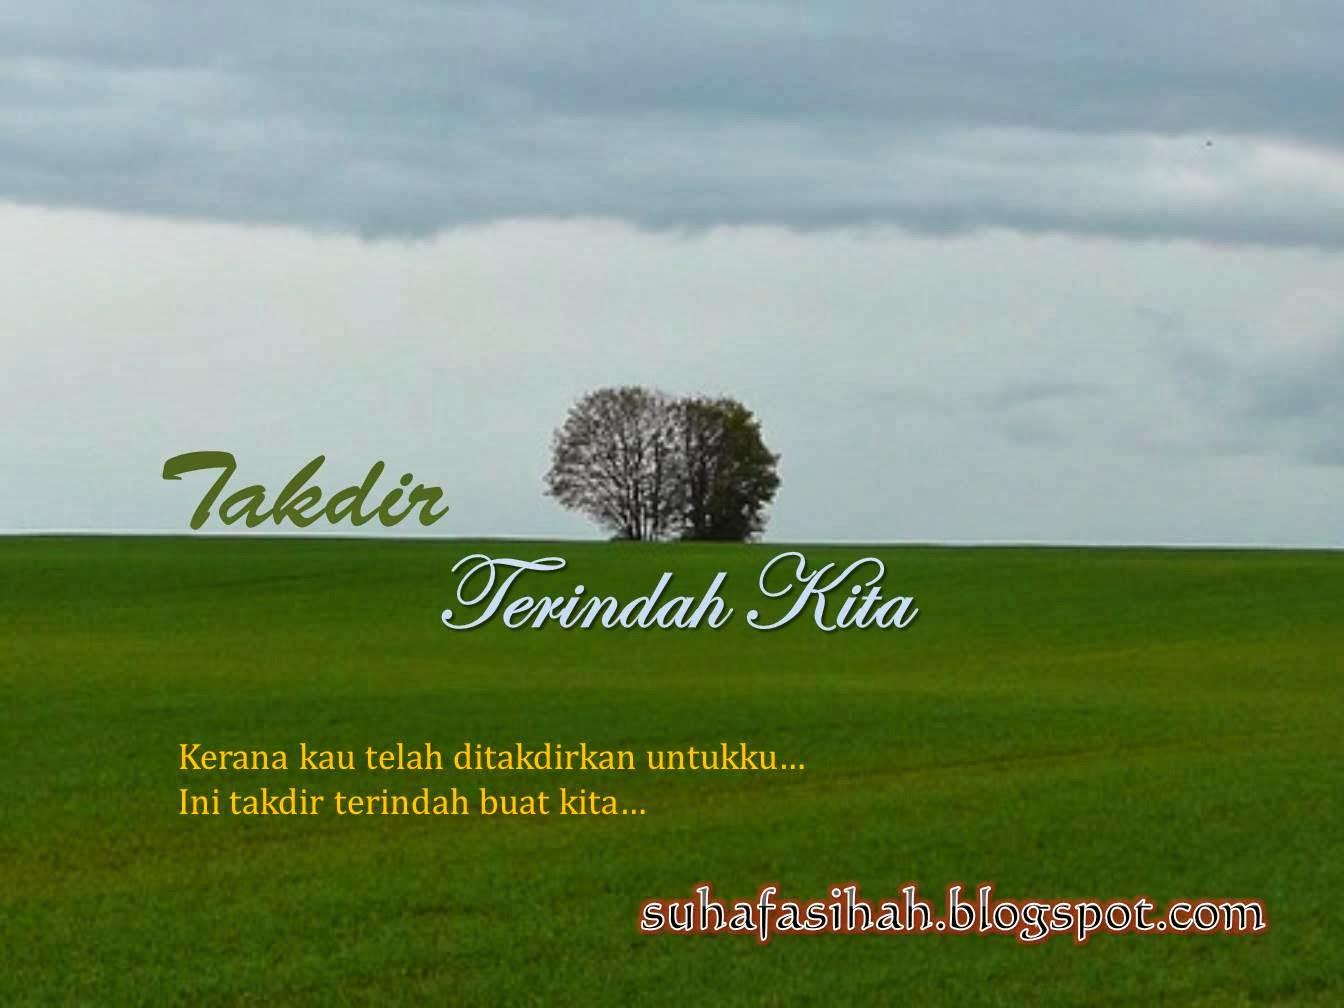 http://suhafasihah.blogspot.com/2013/12/di-sebalik-langsir-takdir-terindah-kita.html